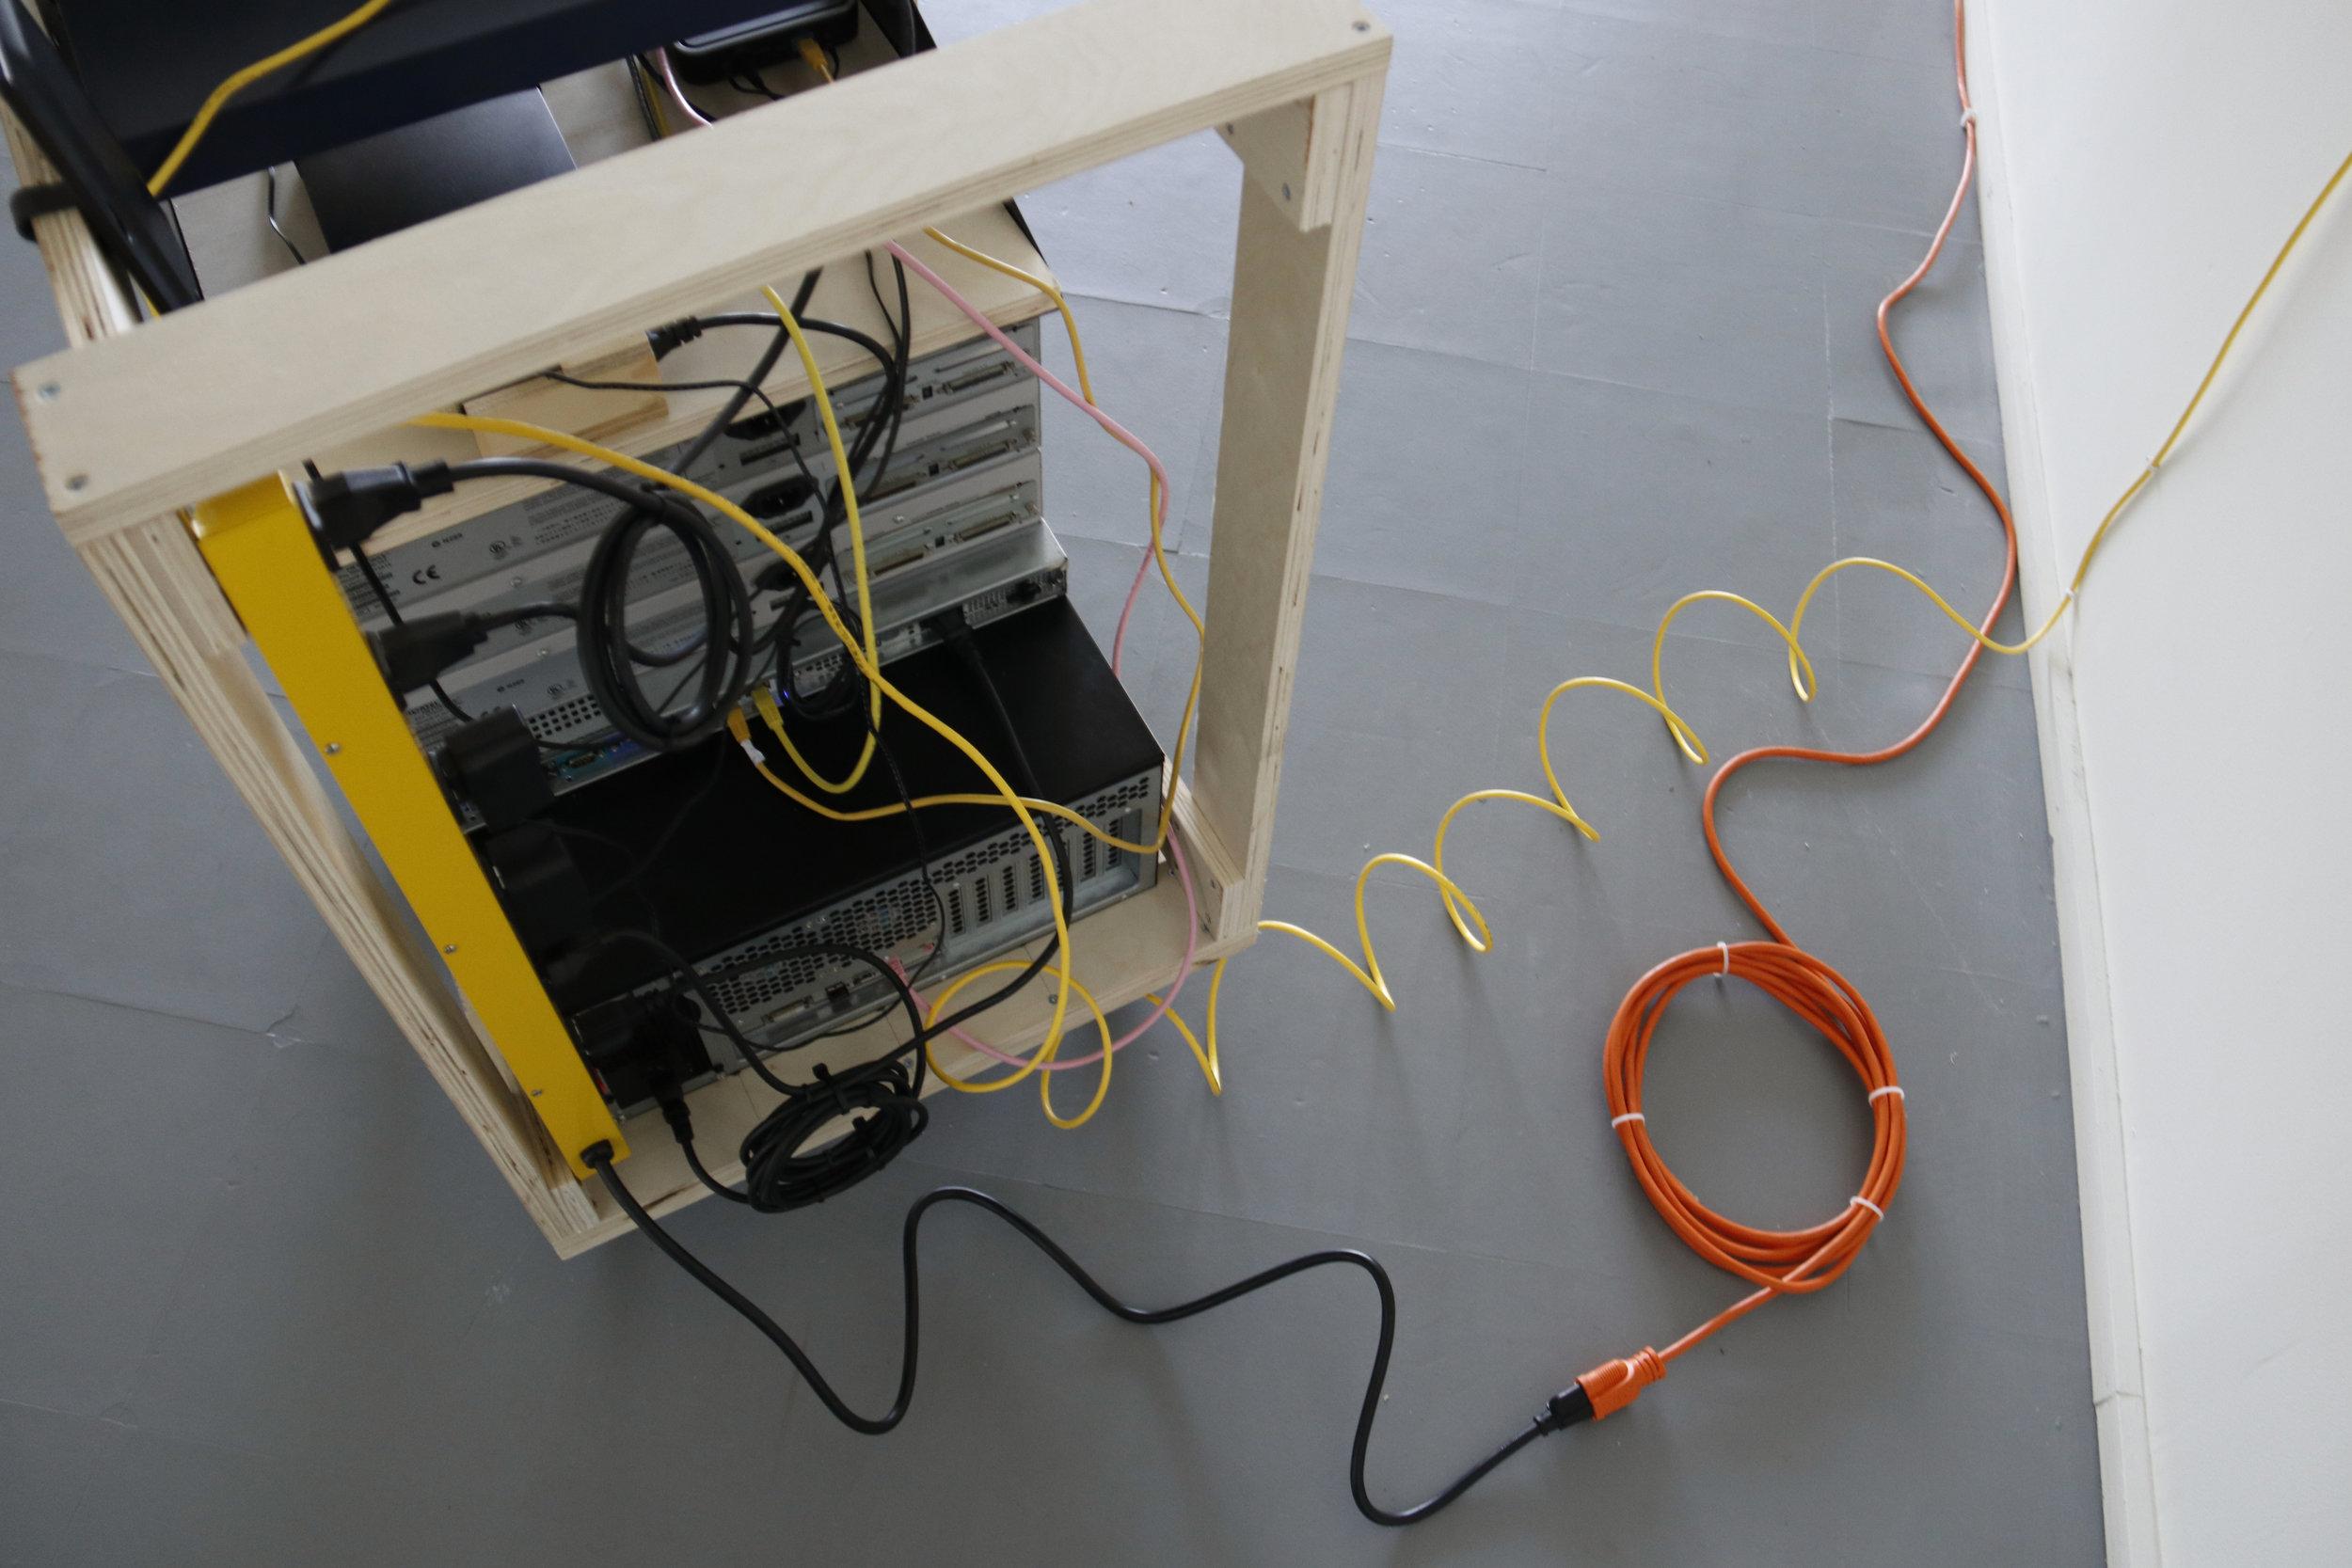 10_serverRack_cord_detail.jpg